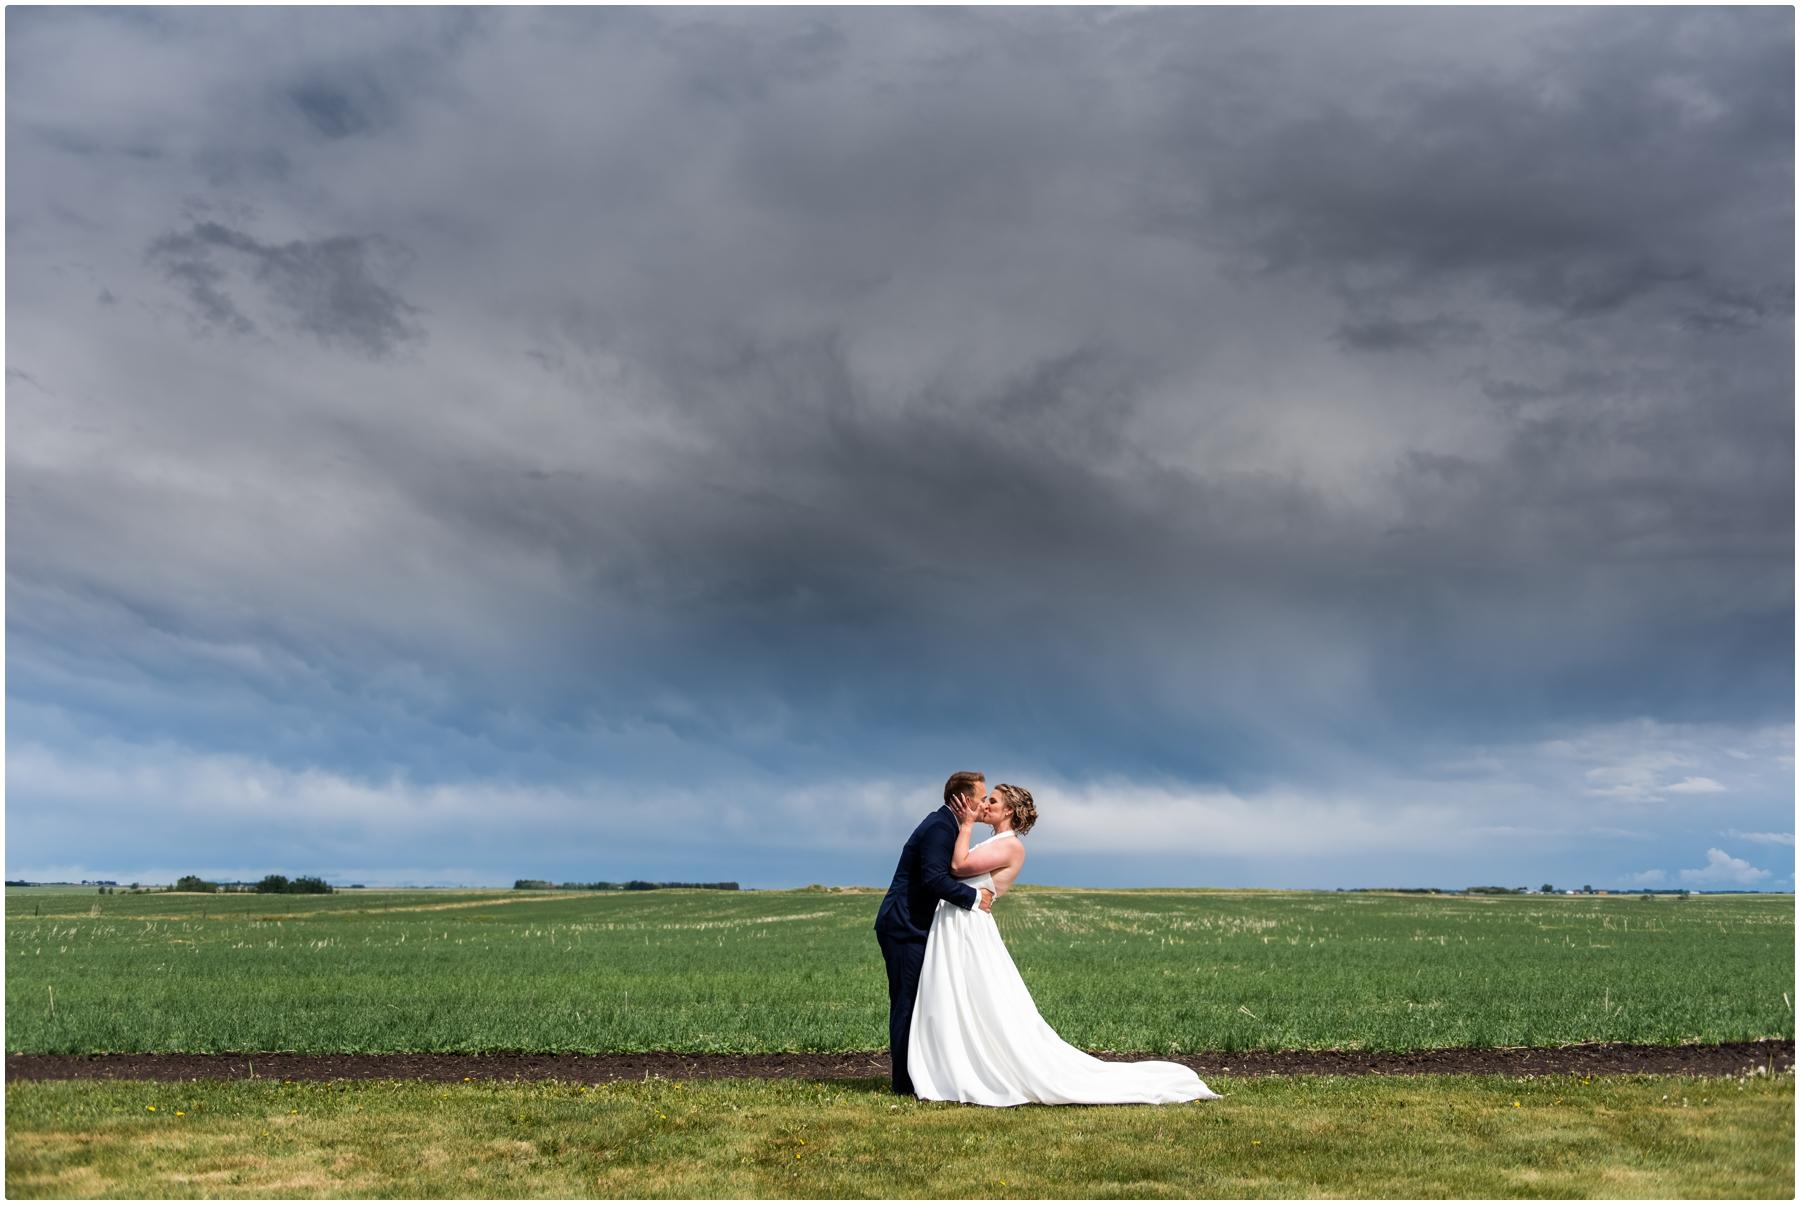 Willow Lane Barn Wedding - Calgary Wedding Photographer